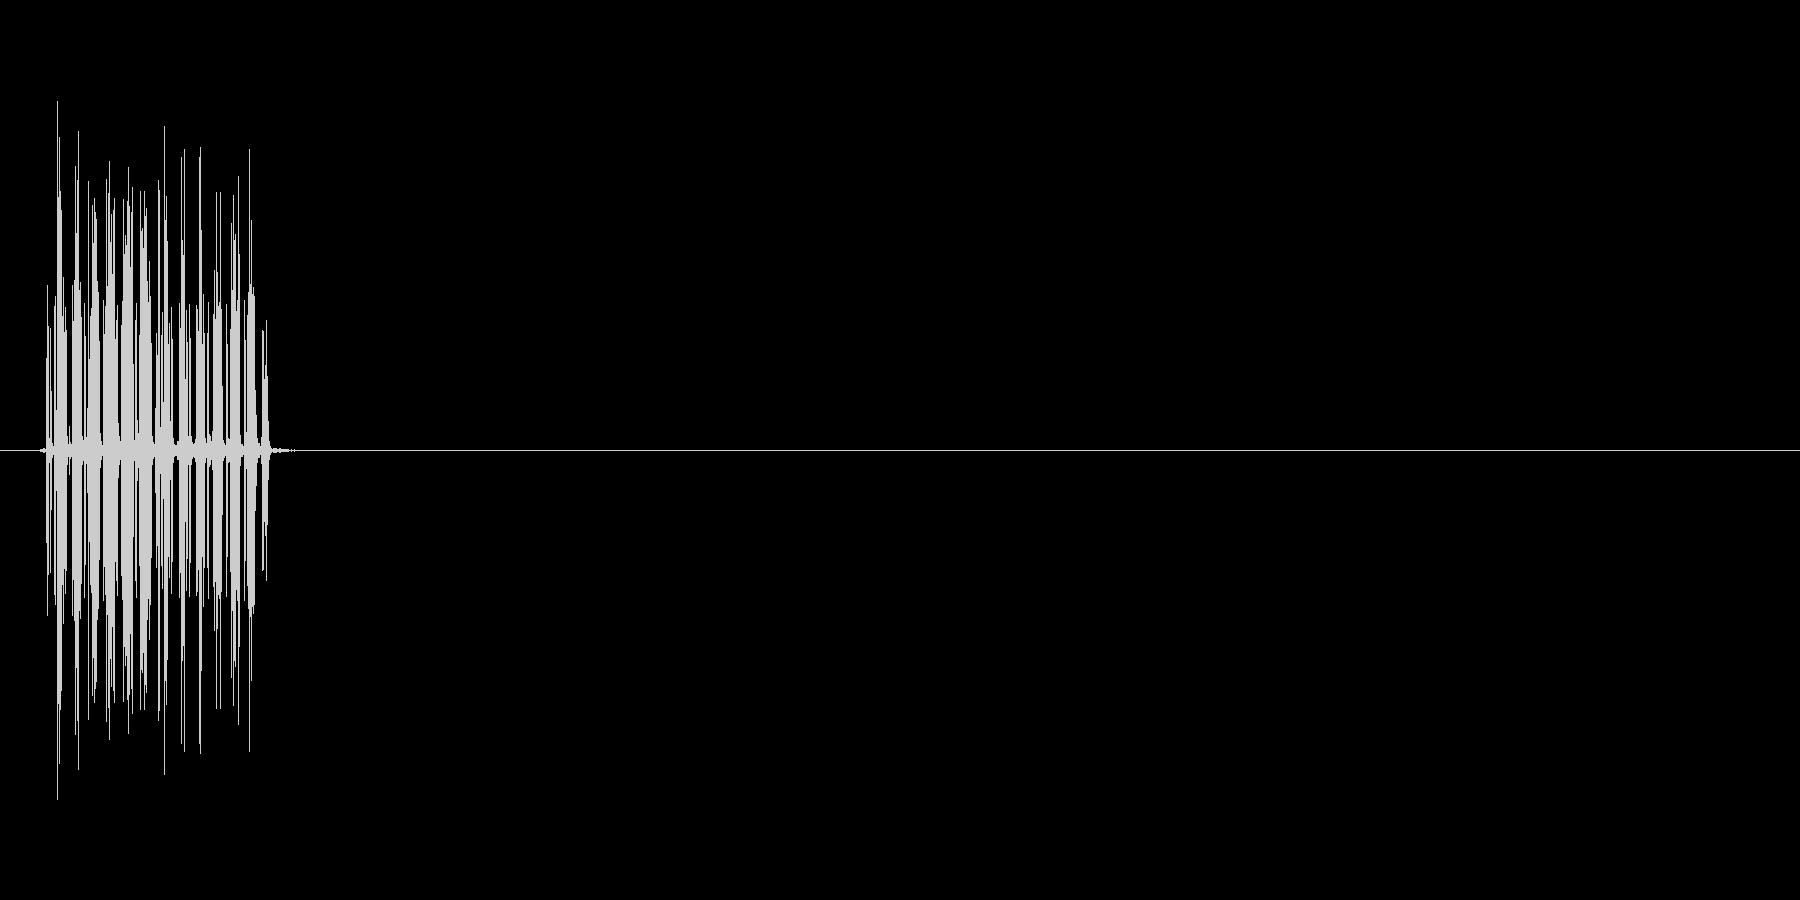 ブッ(キャンセル、不正解、バツ)の未再生の波形